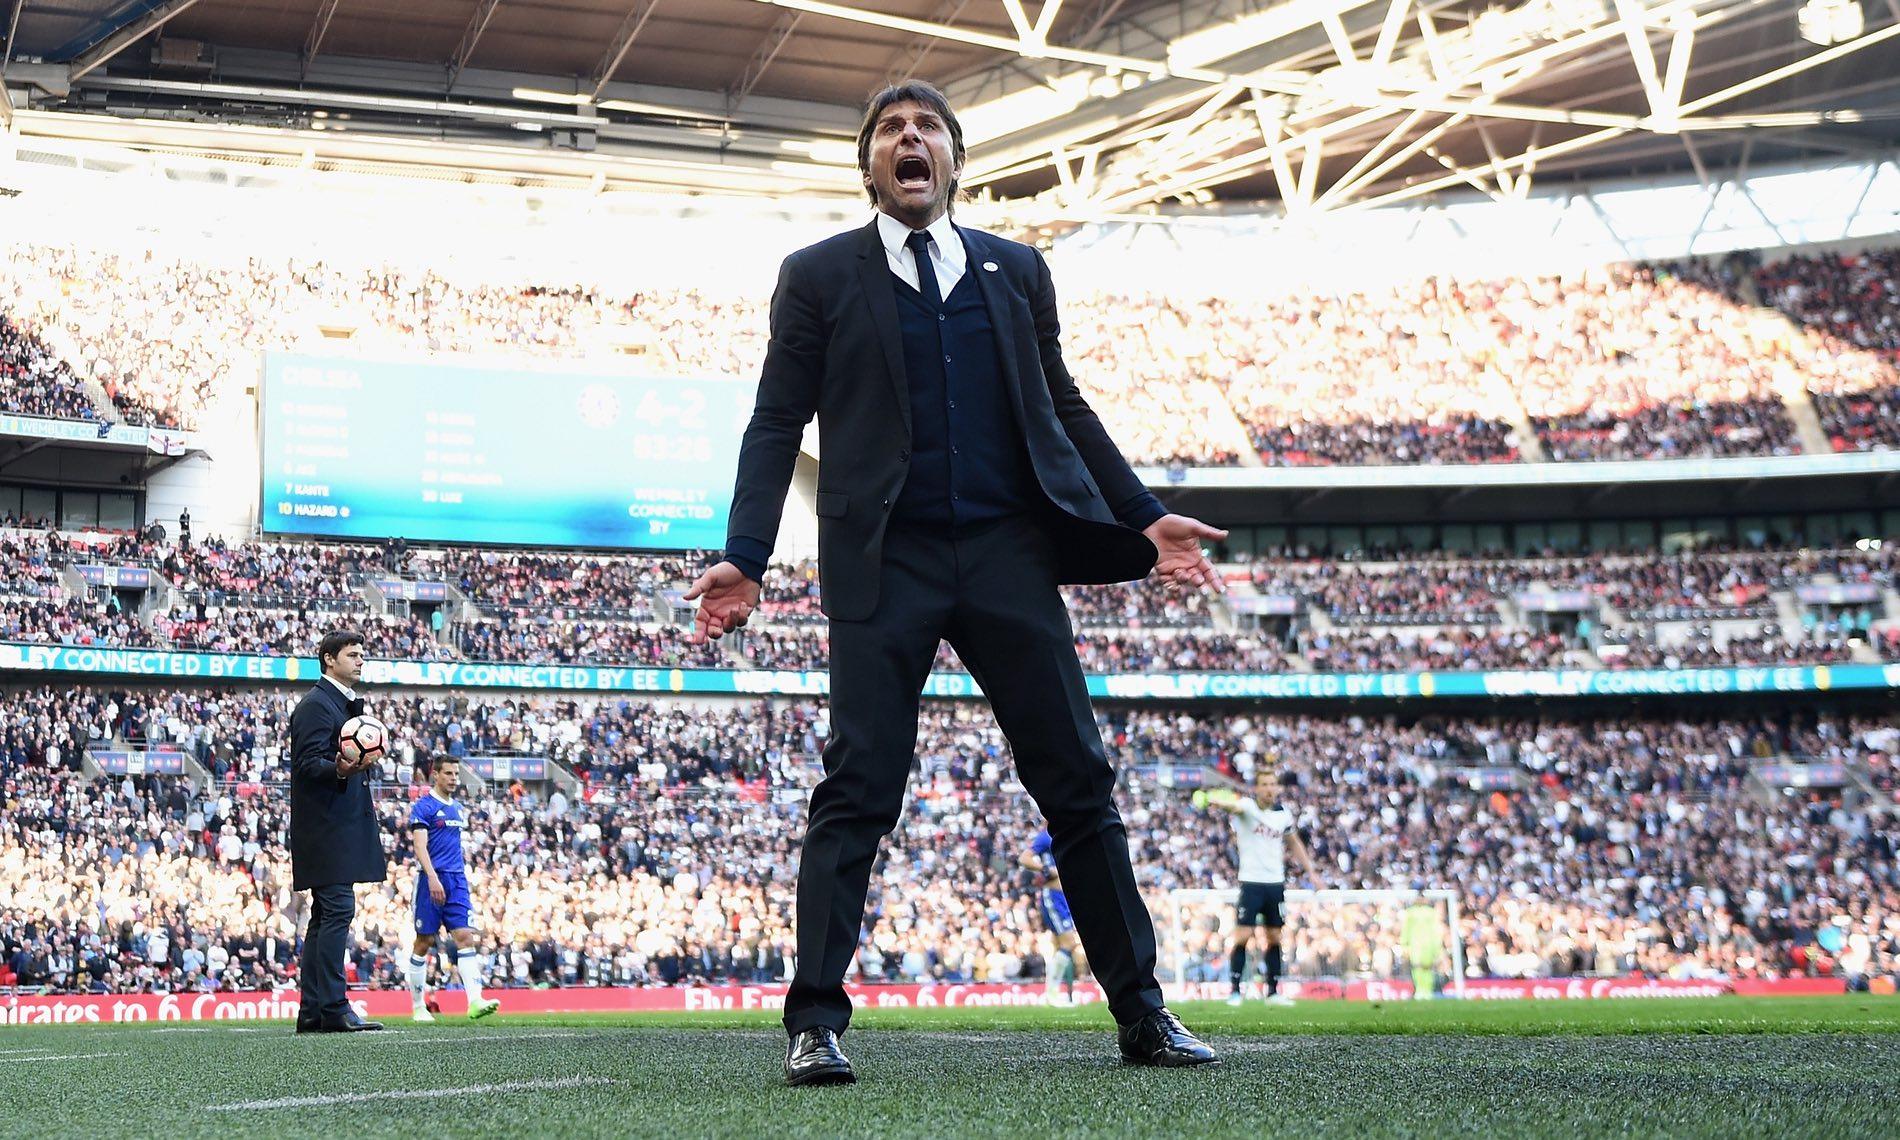 آینده یک پندار، همه دغدغه های دون آنتونیو برای فصل بعد!